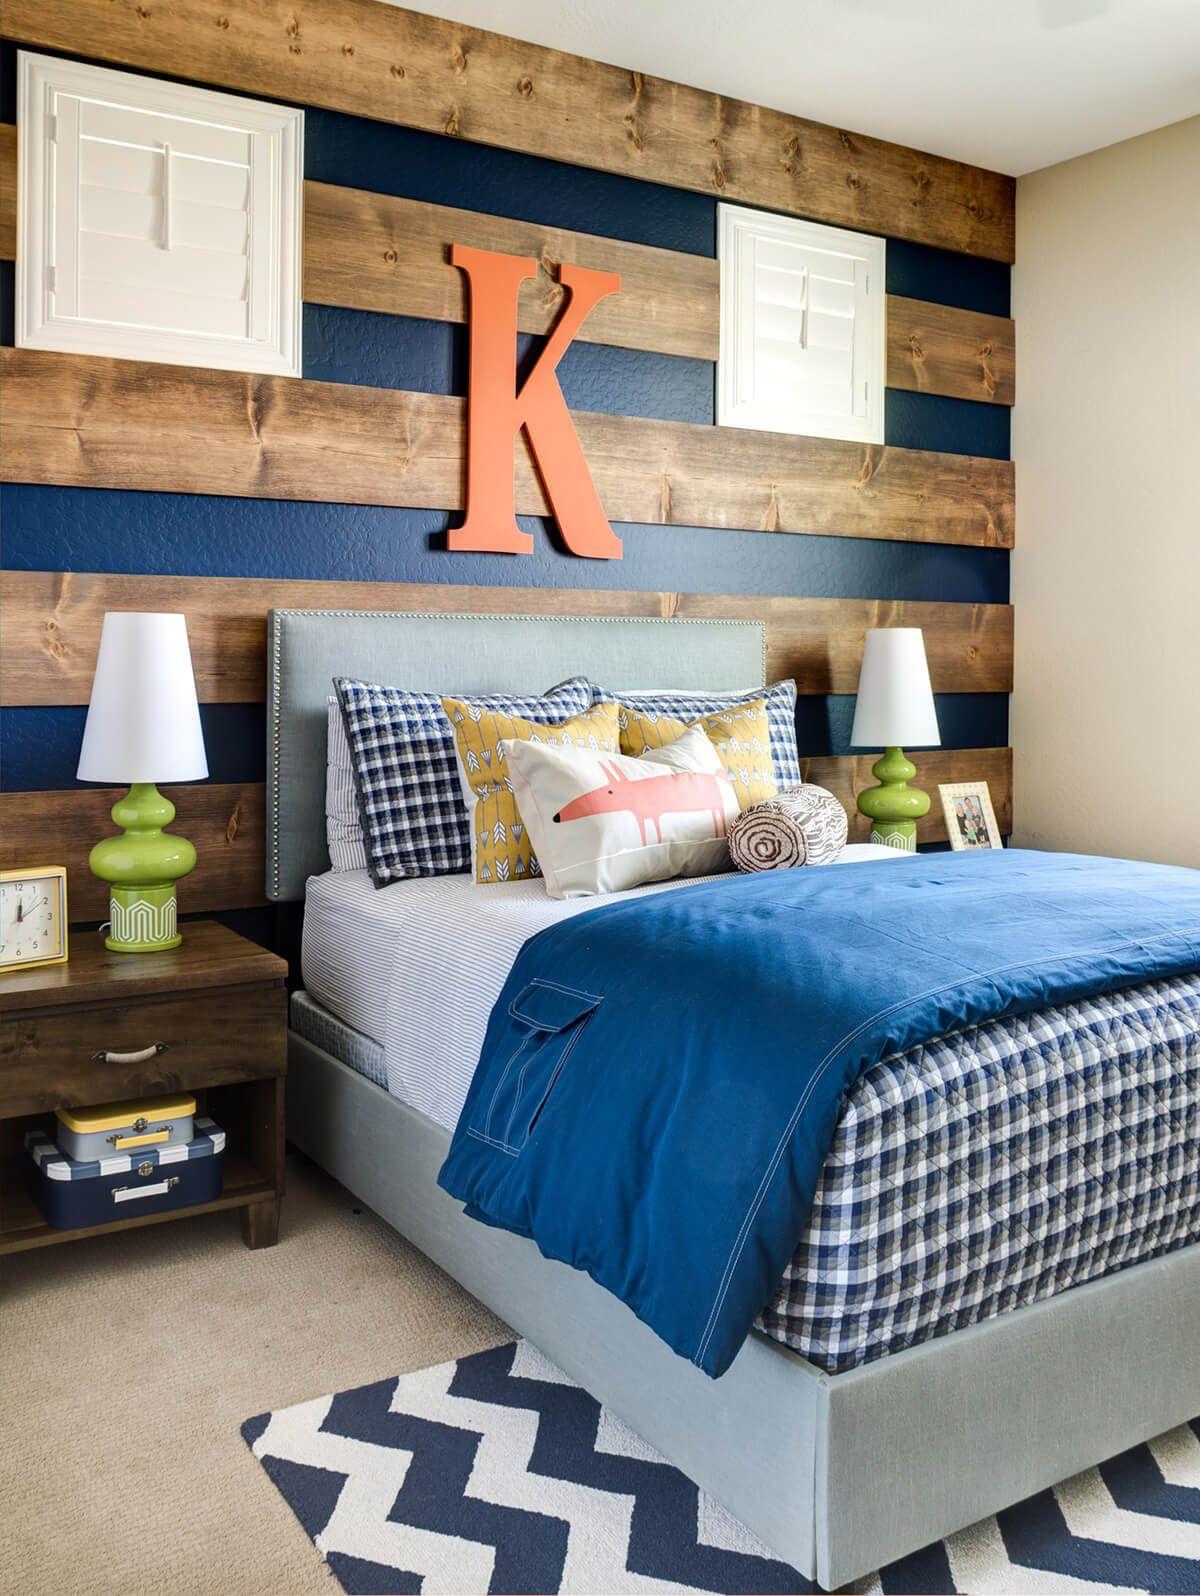 33 Cool Teenage Boy Room Decor Ideas New Room Bedroom Inspirations Big Boy Room